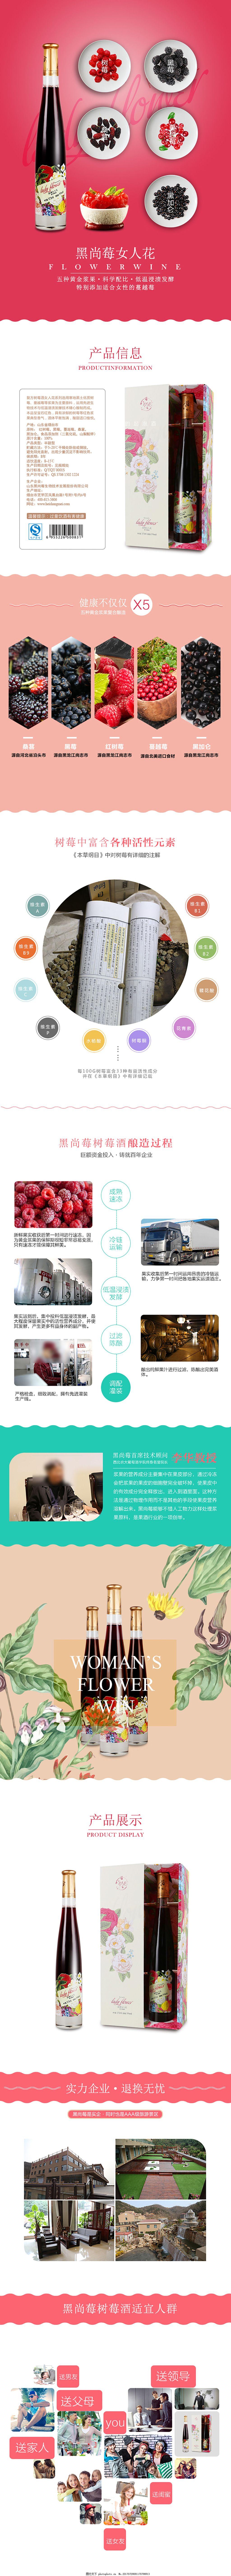 天猫淘宝女士酒京东详情排版设计酒水大促详情页模板